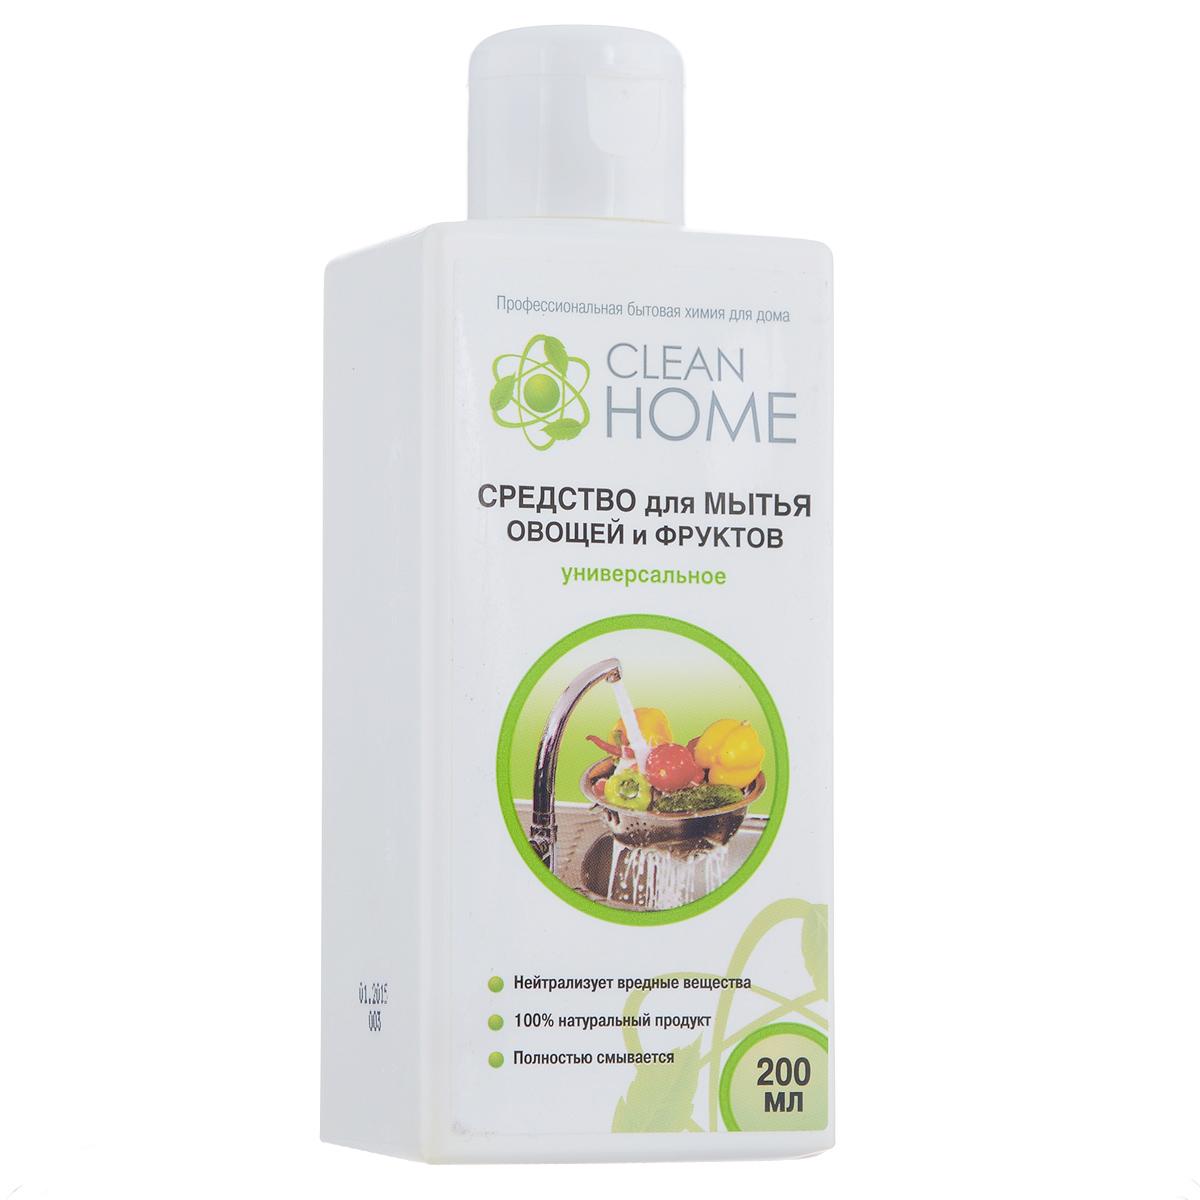 Средство Clean Home, для мытья овощей и фруктов, 200 мл391602Антибактериальное средство Clean Home предназначено для мытья фруктов и овощей, для безопасного обеззараживания плодов. Эффективно удаляет и смывает с поверхности фруктов и овощей вредные пестициды, гербициды, инсектициды, следы парафина и воска. Гель эффективно растворяется как в горячей, так и холодной воде. Полностью безопасен и смываем, не содержит ароматизаторов, гипоаллергенный. Линия профессиональной бытовой химии для дома Clean Home представлена гаммой средств для стирки и уборки дома. Clean Home - это весь необходимый ряд высокоэффективных универсальных средств европейского качества.Состав: вода, композиция фруктовых кислот, экстракт ромашки, экстракт мяты, менее 5% НПАВ, функциональные добавки, эфирное масло лимона.